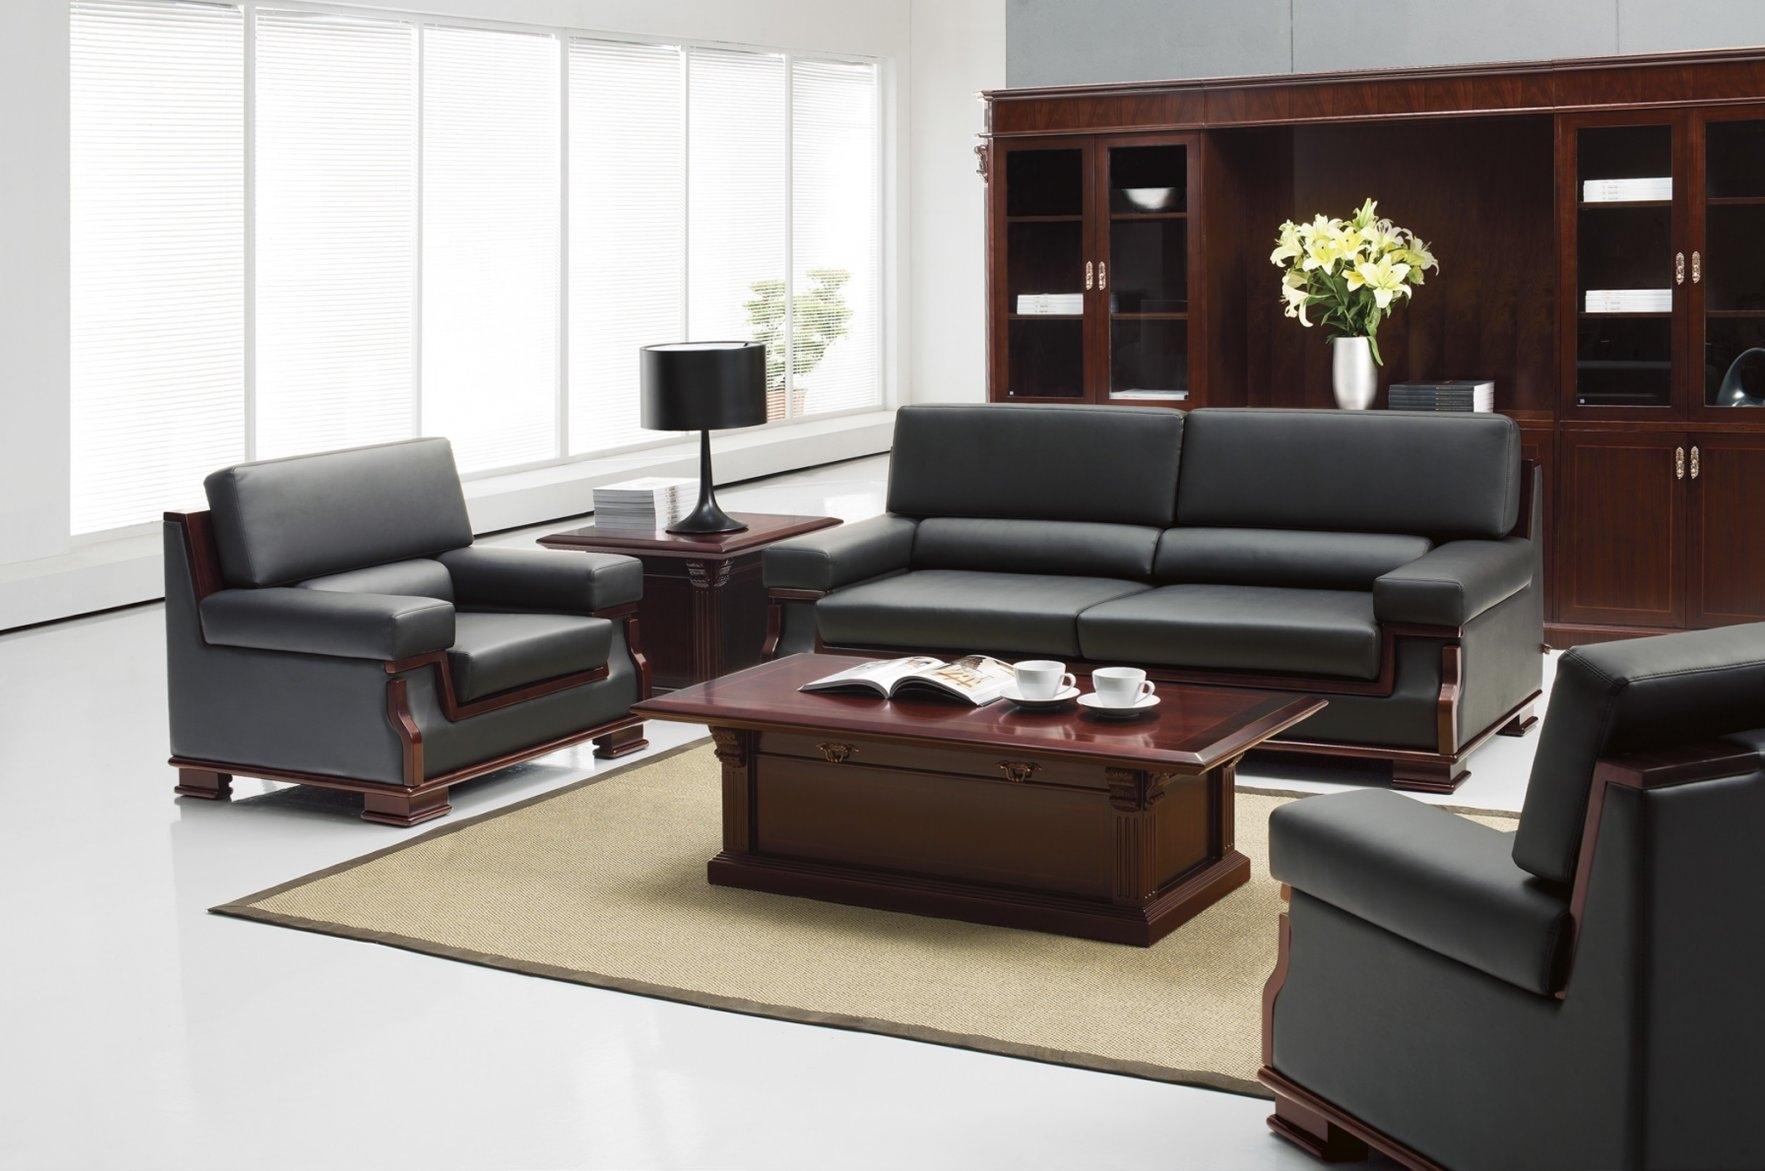 Executive Sofa | Contemporary Office Sofas Intended For Contemporary Within Office Sofas (View 4 of 10)